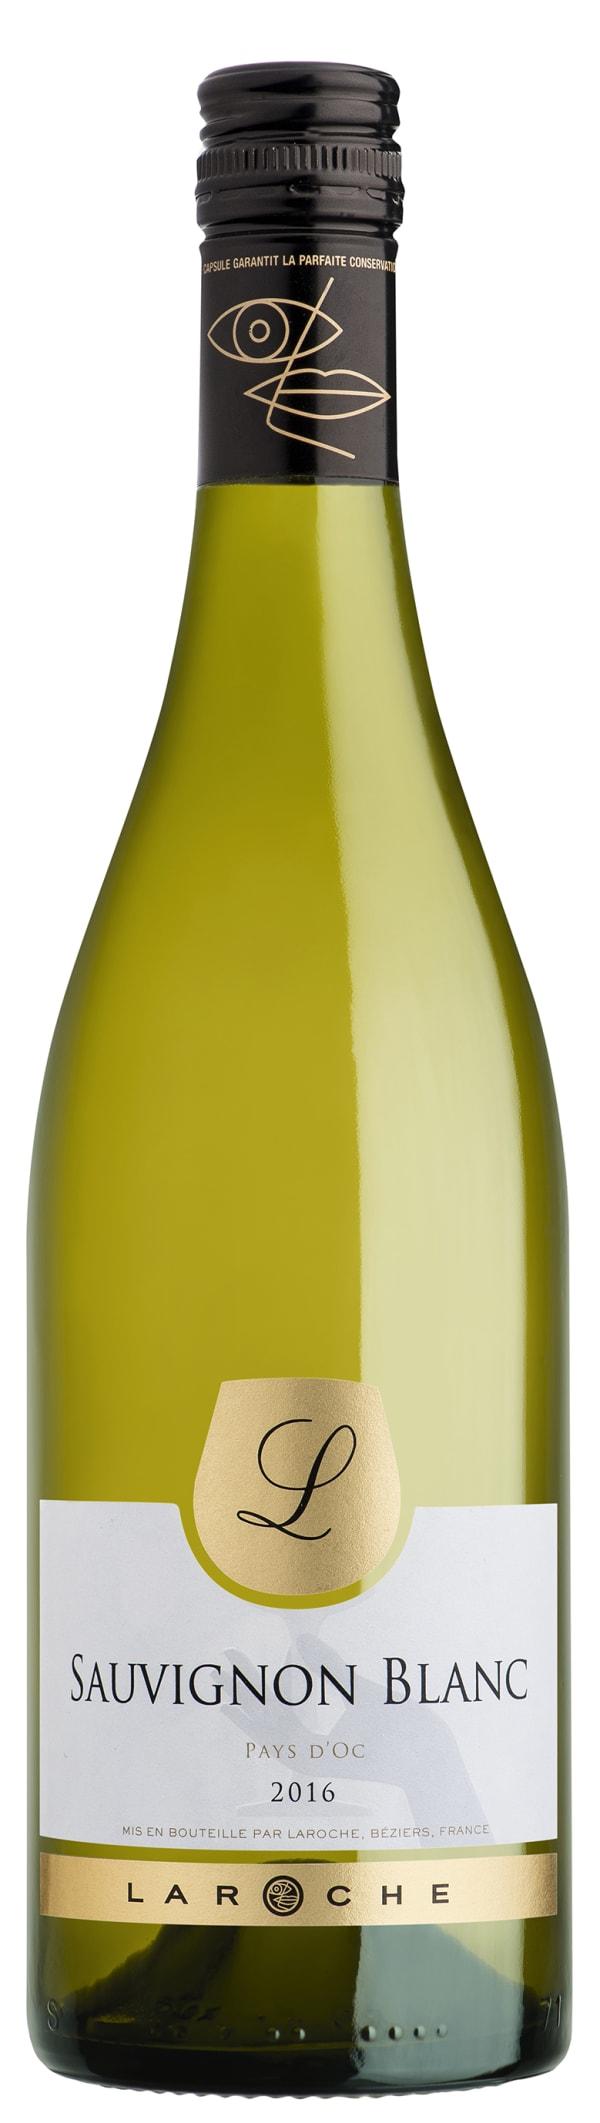 Laroche Sauvignon Blanc L 2017